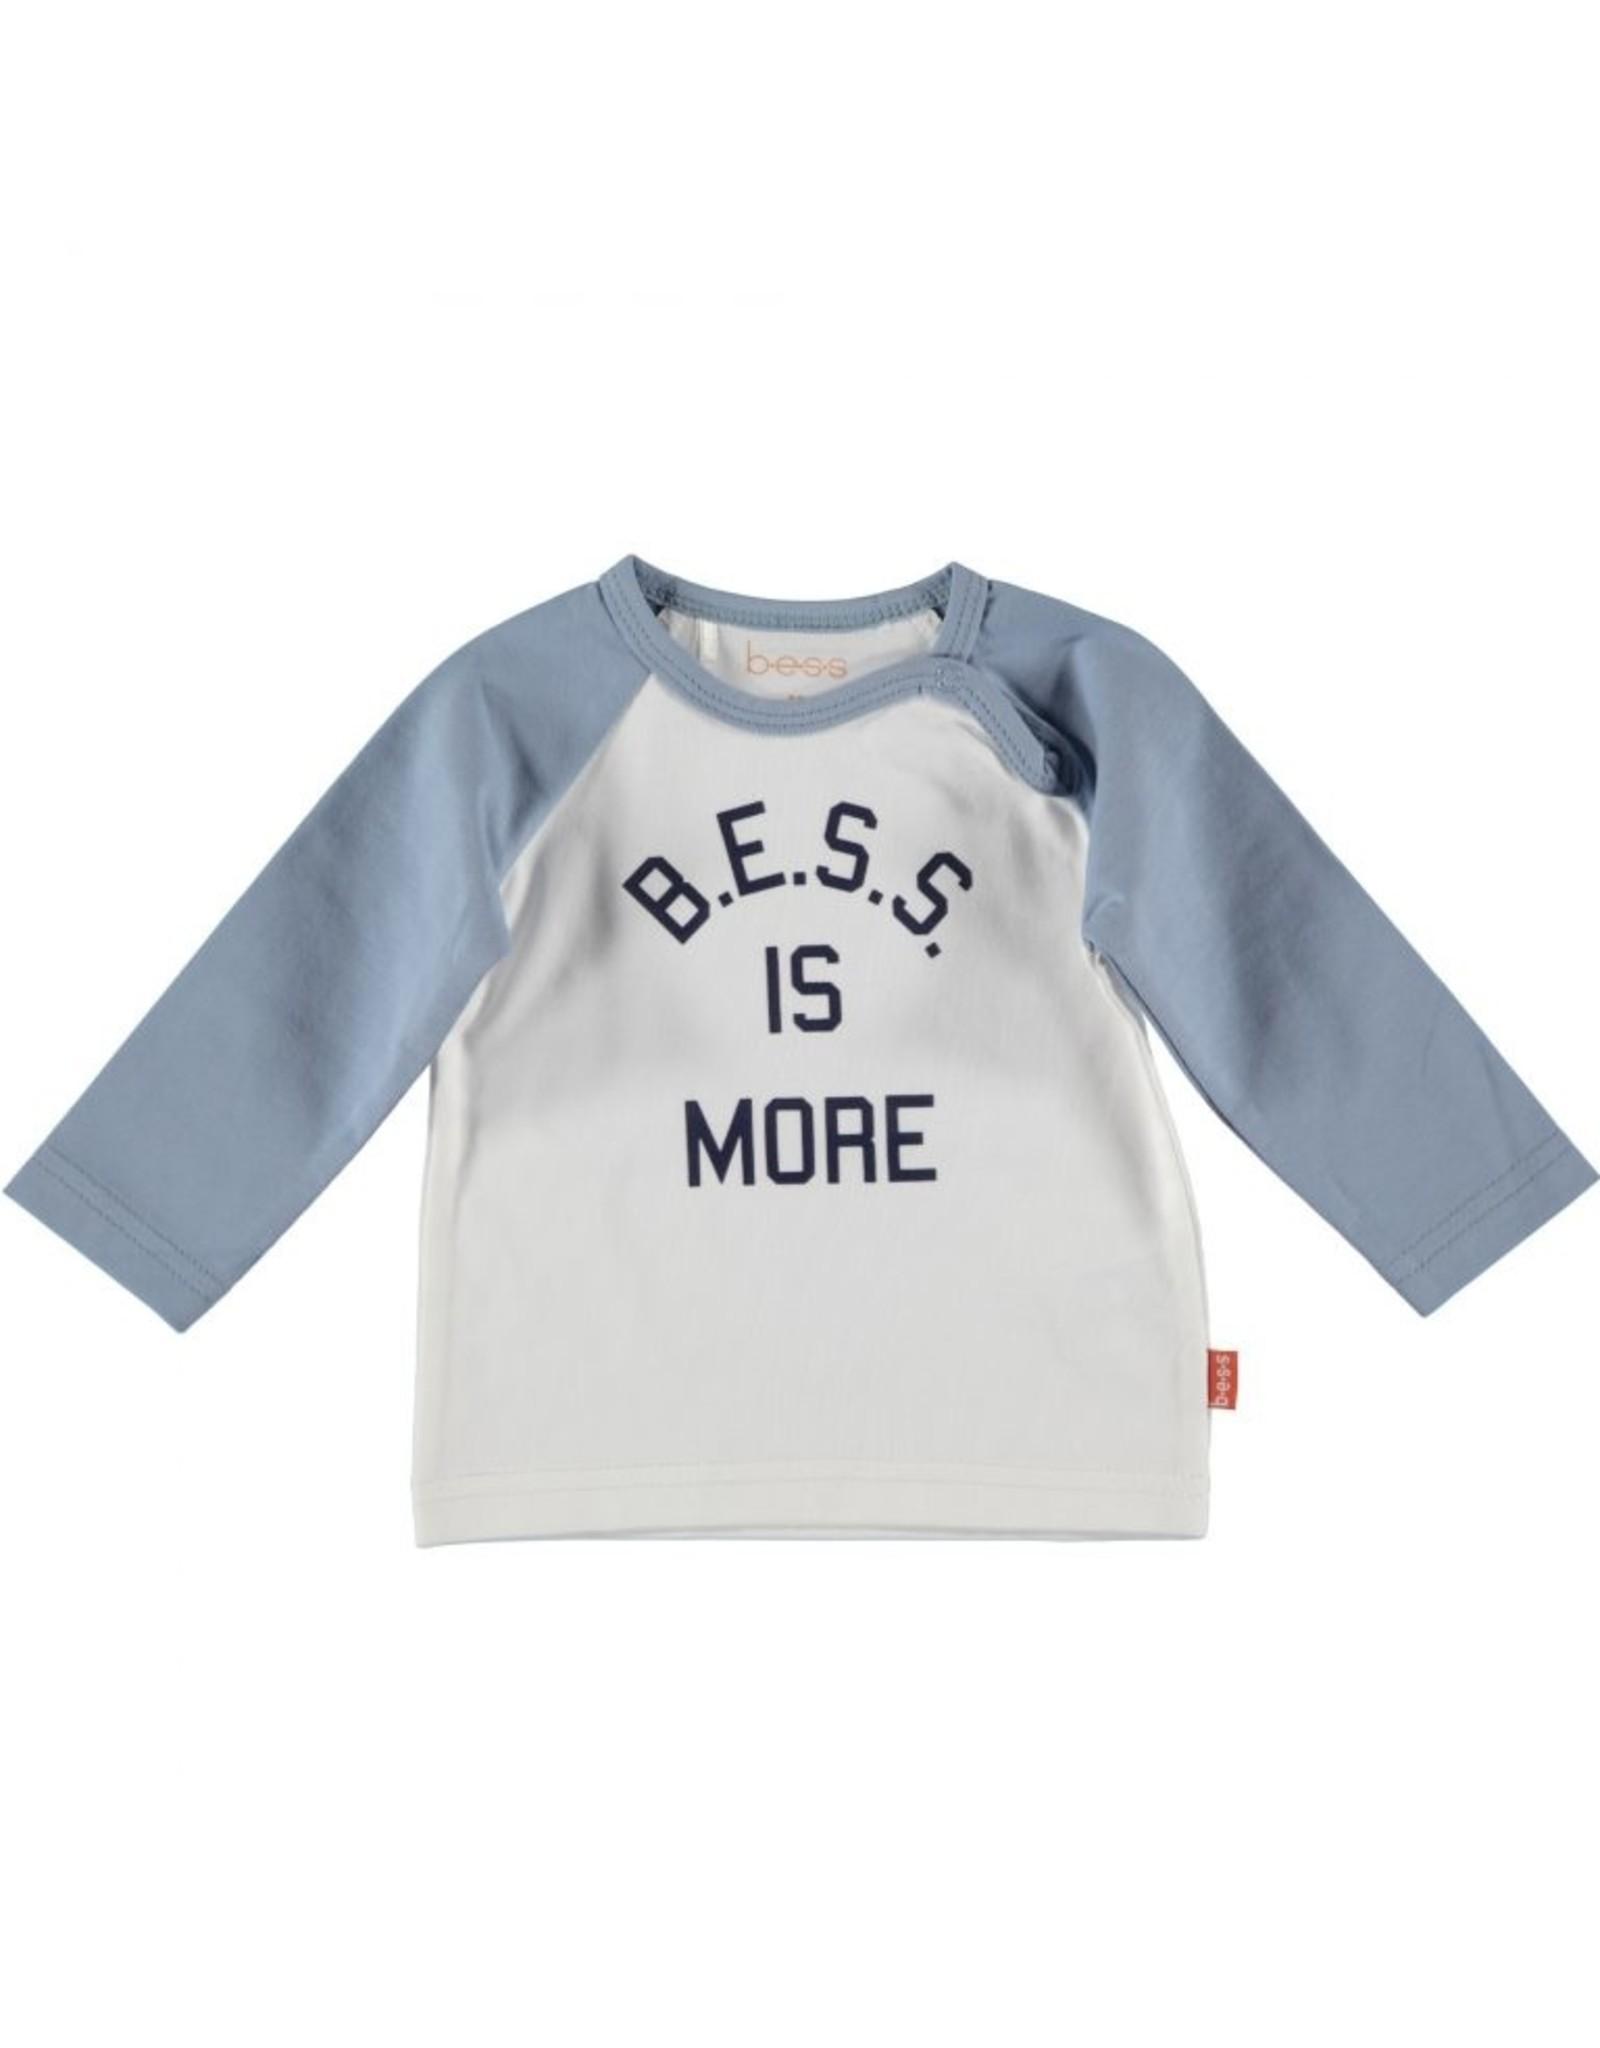 BESS Bess Shirt L. Sl. Bess Is More White